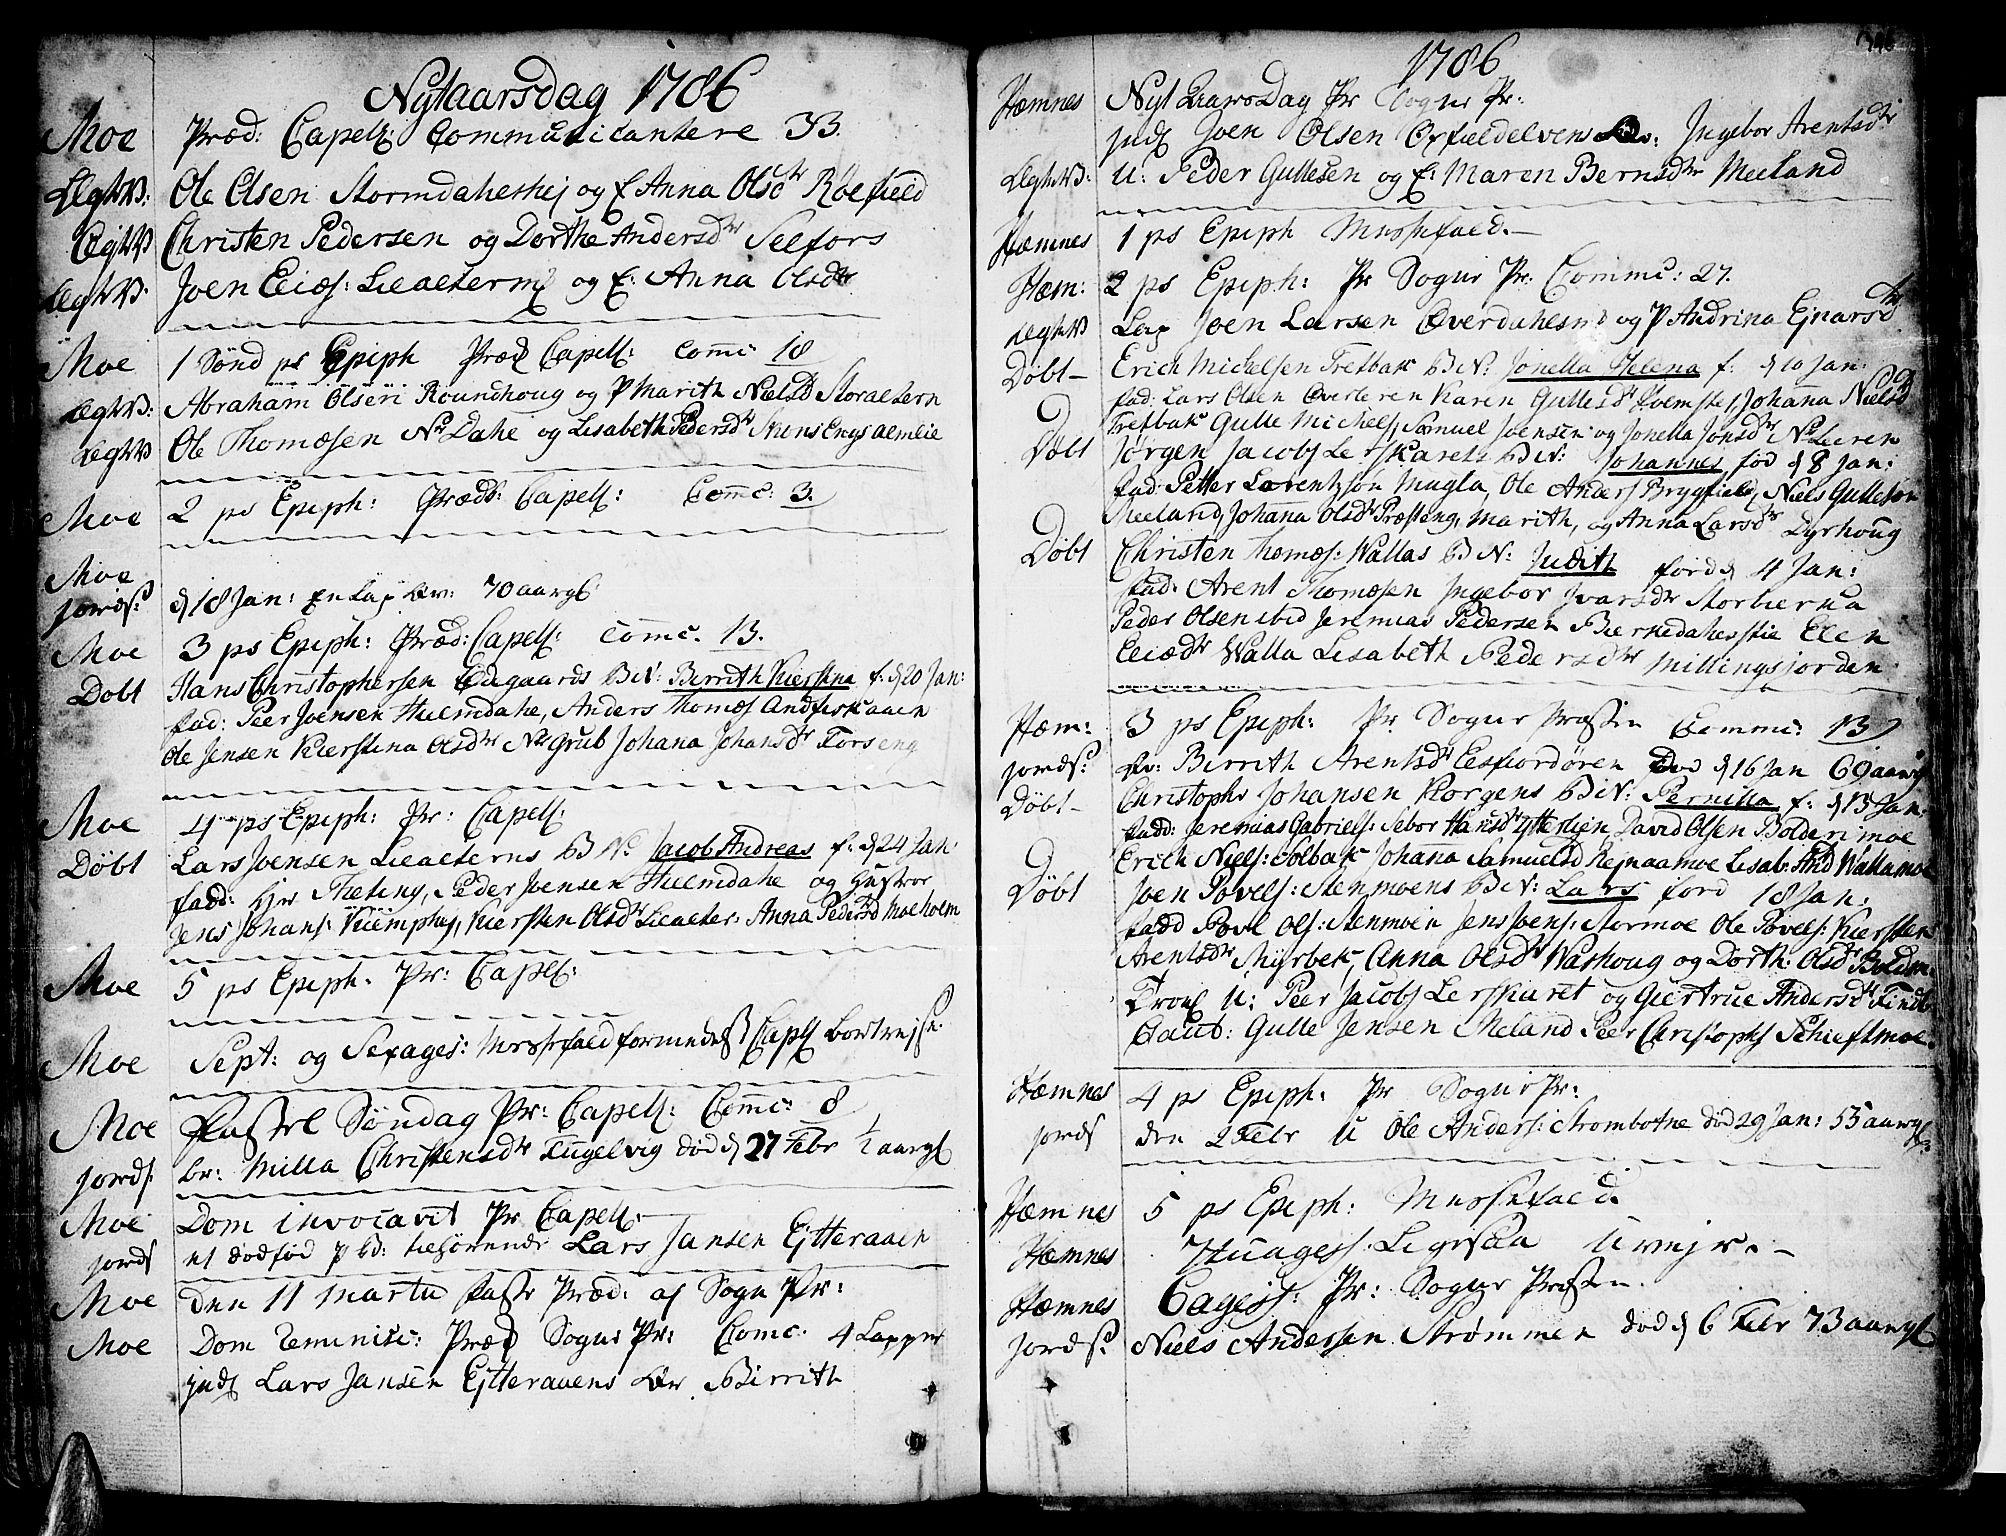 SAT, Ministerialprotokoller, klokkerbøker og fødselsregistre - Nordland, 825/L0348: Parish register (official) no. 825A04, 1752-1788, p. 346